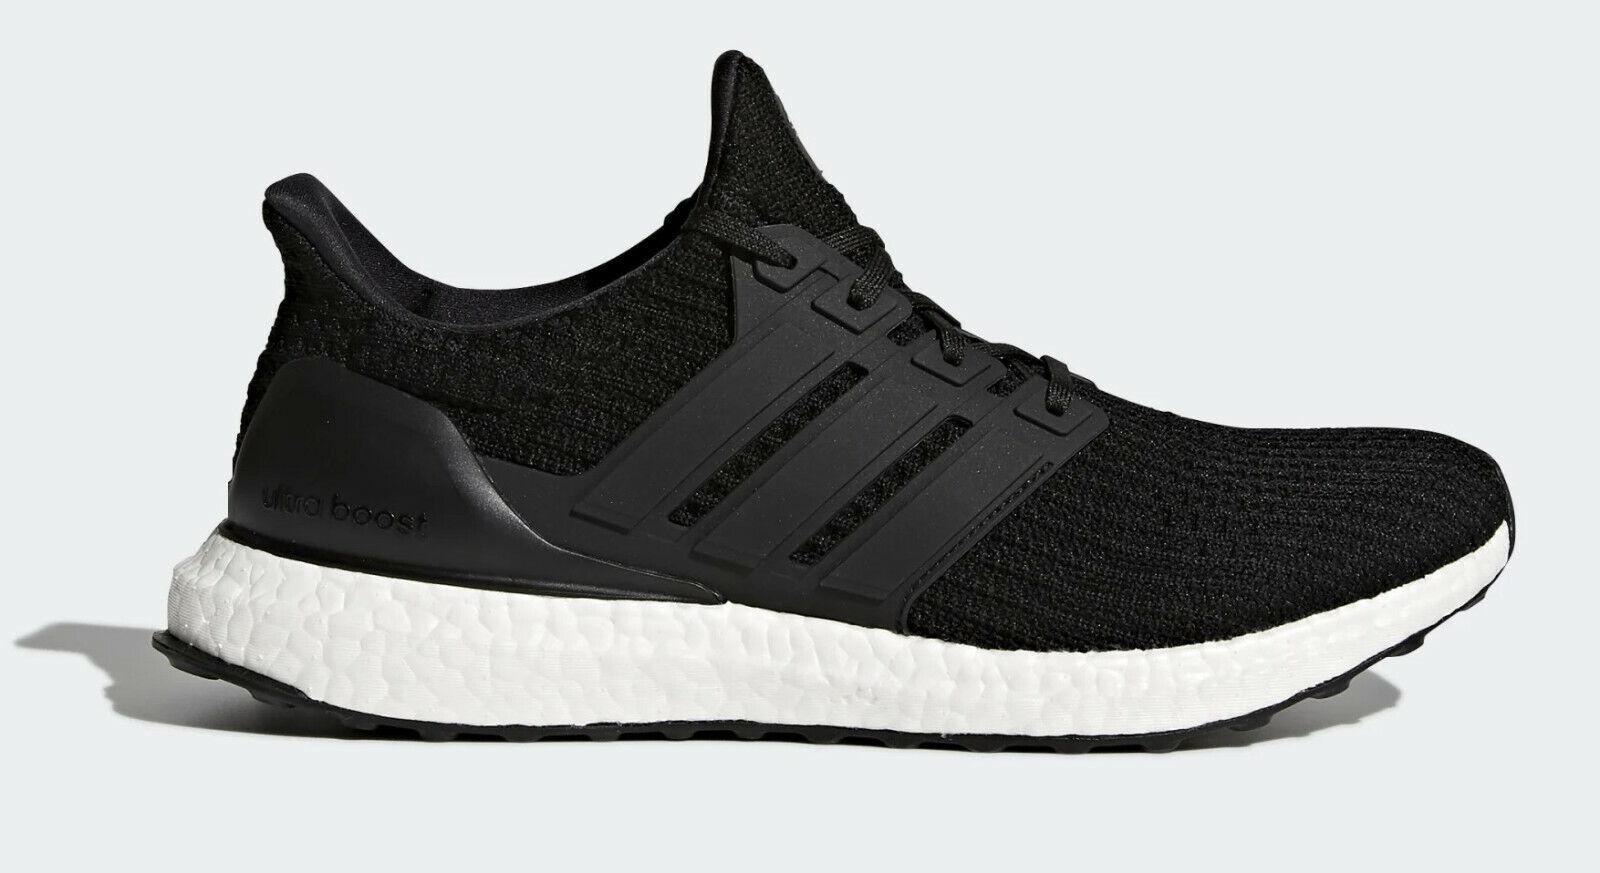 Adidas para hombre Ultraboost Negro Talla 10 Calzado para Correr Zapatillas zapatillas